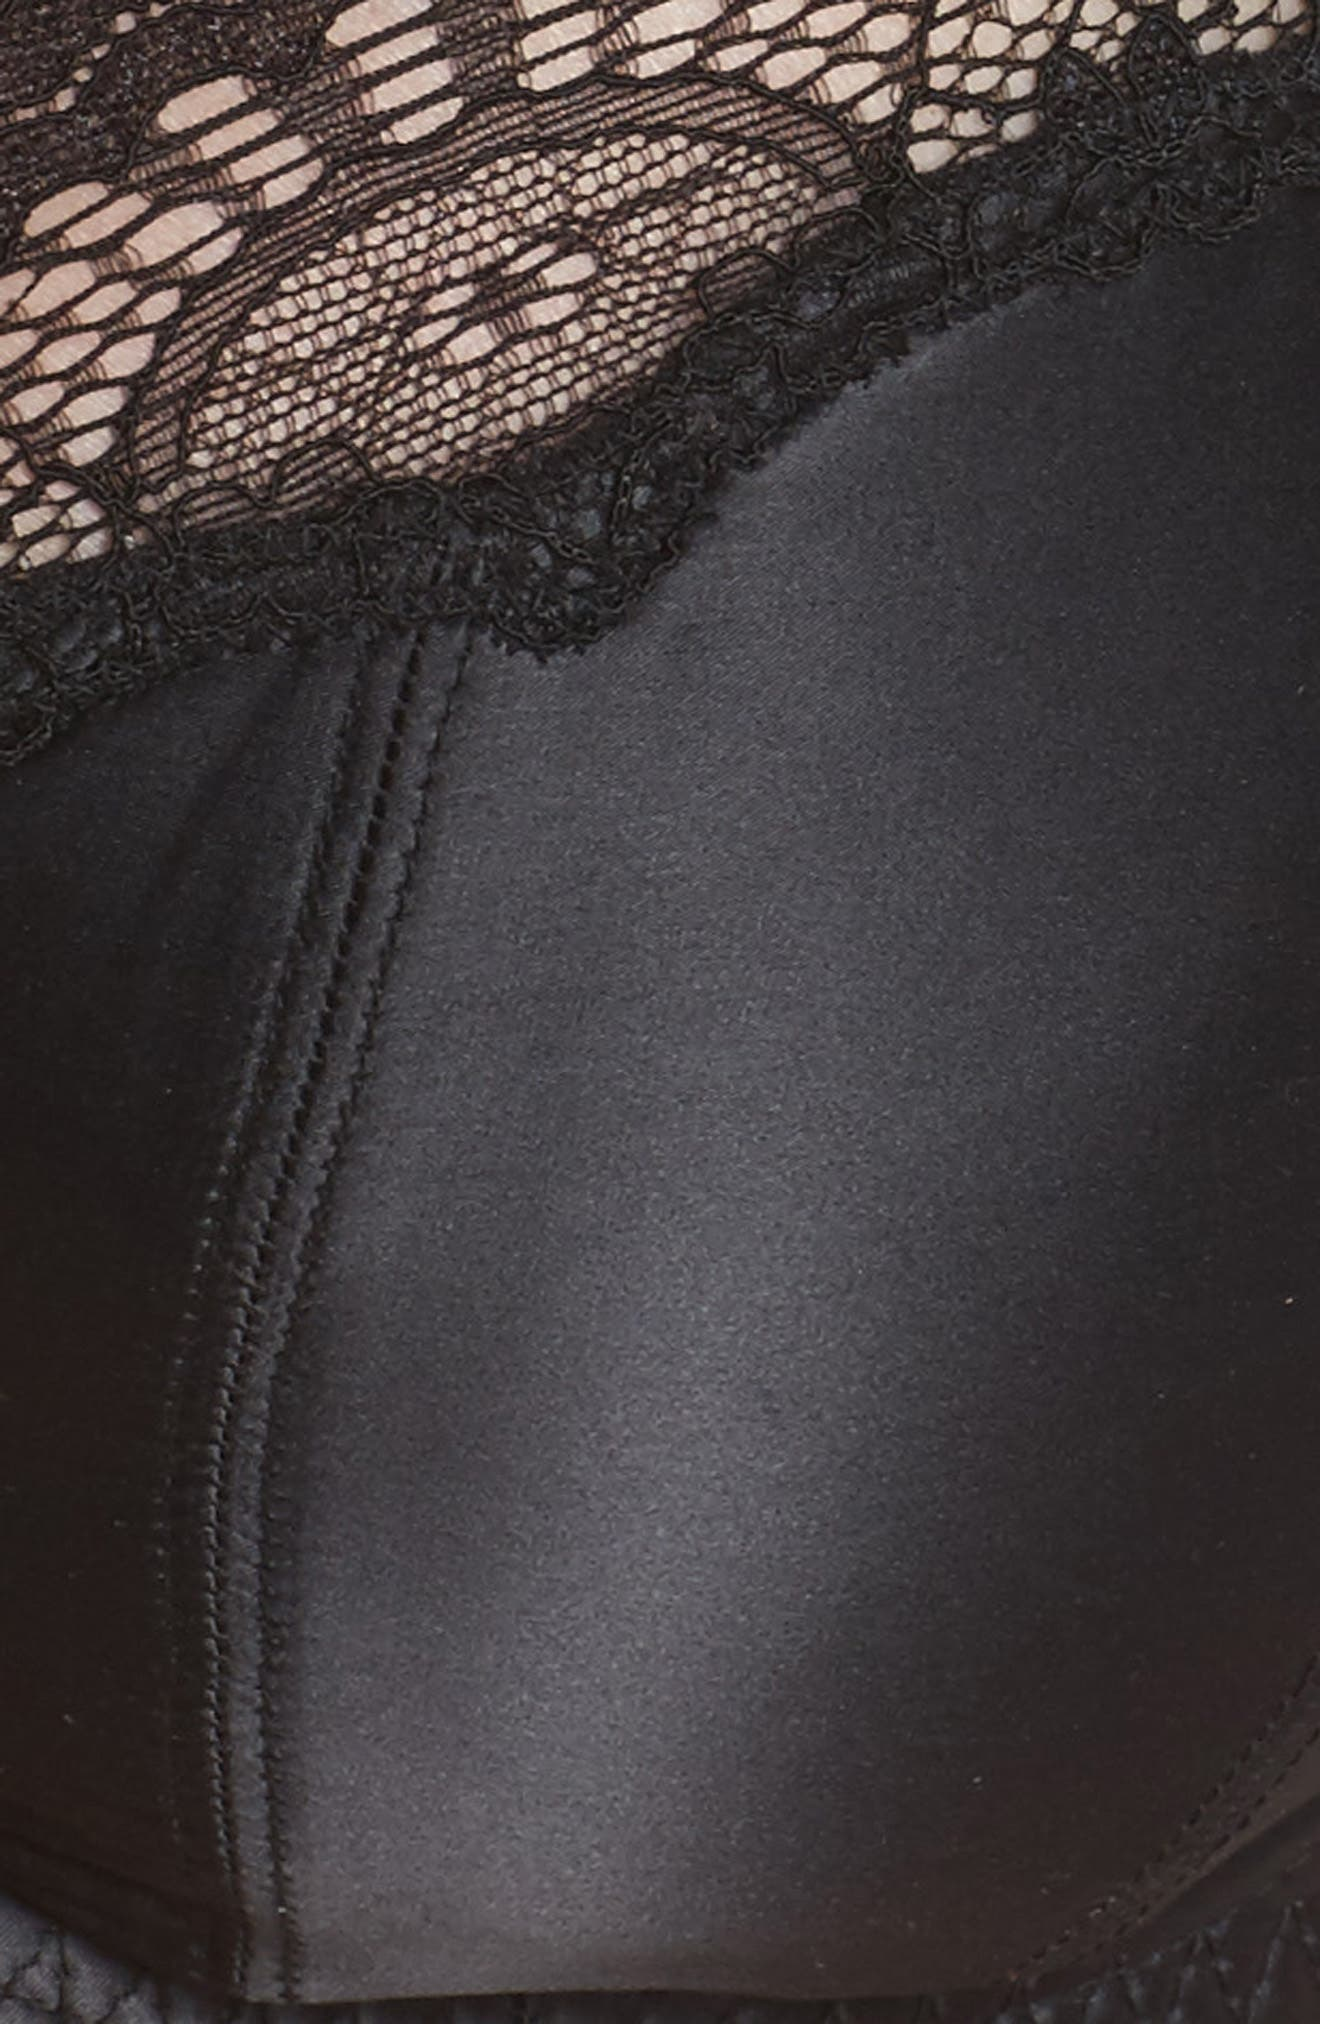 Starlift Full Figure Underwire Bra,                             Alternate thumbnail 9, color,                             Black